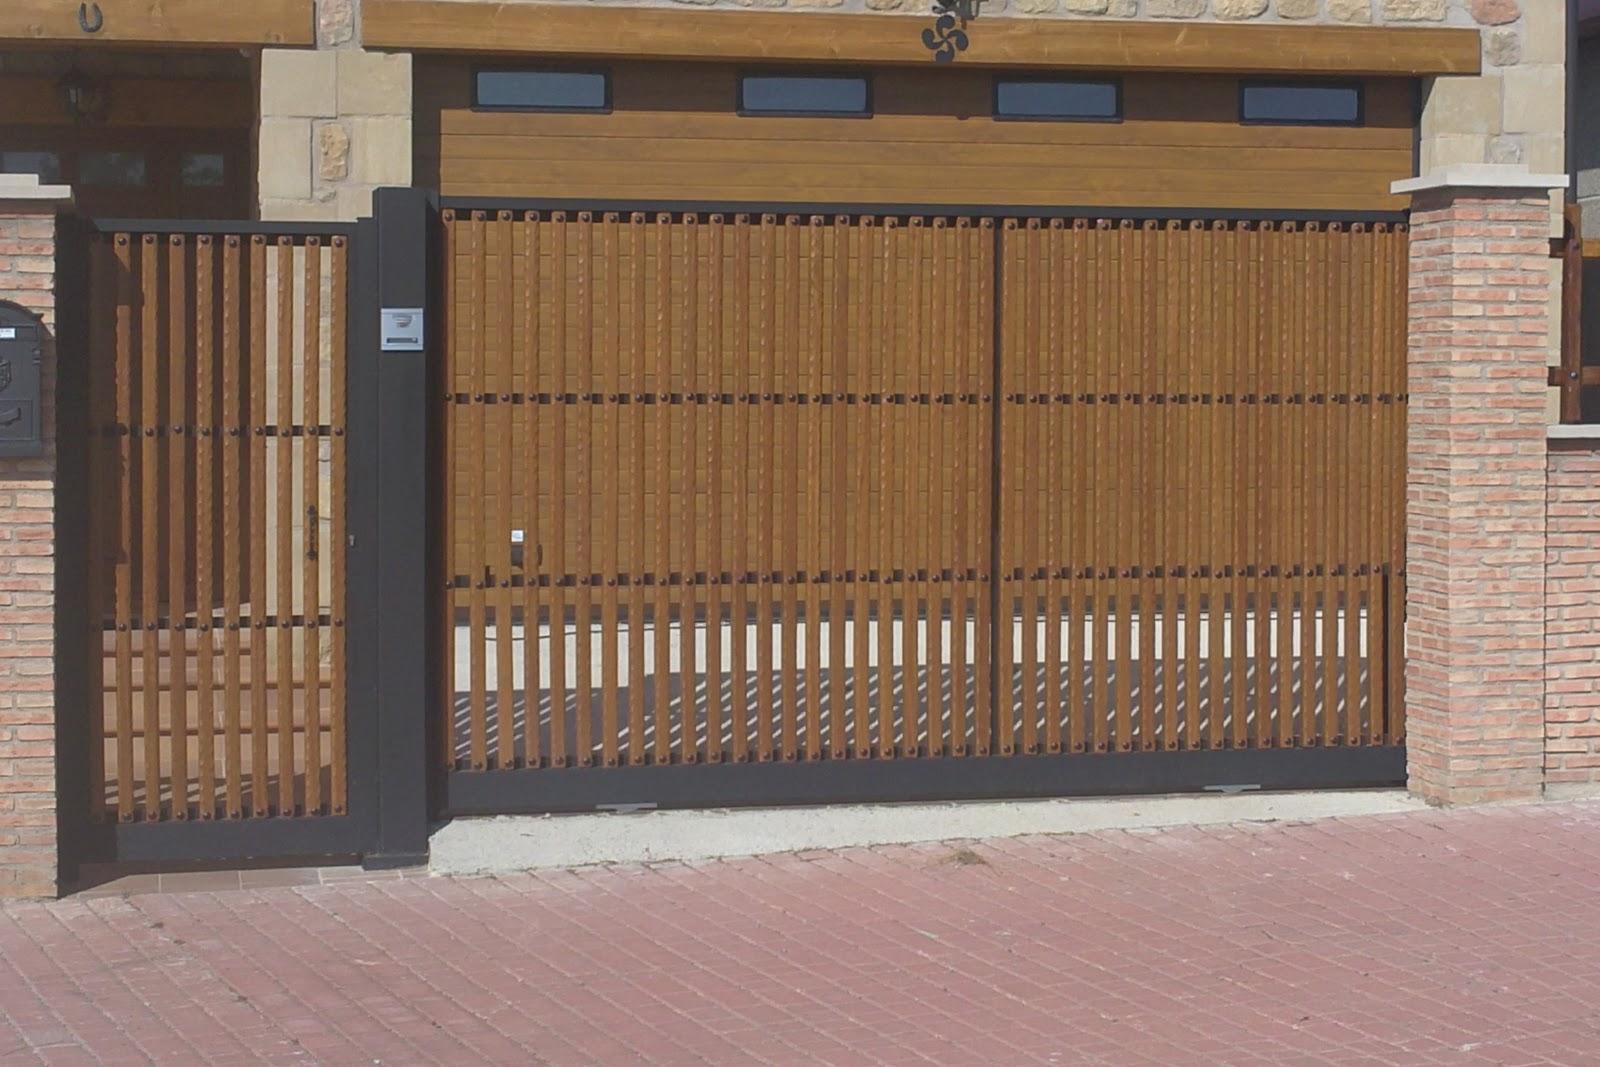 Talleres montiel puerta corredera y peatonal en unifamiliar for Puerta corredera de taller